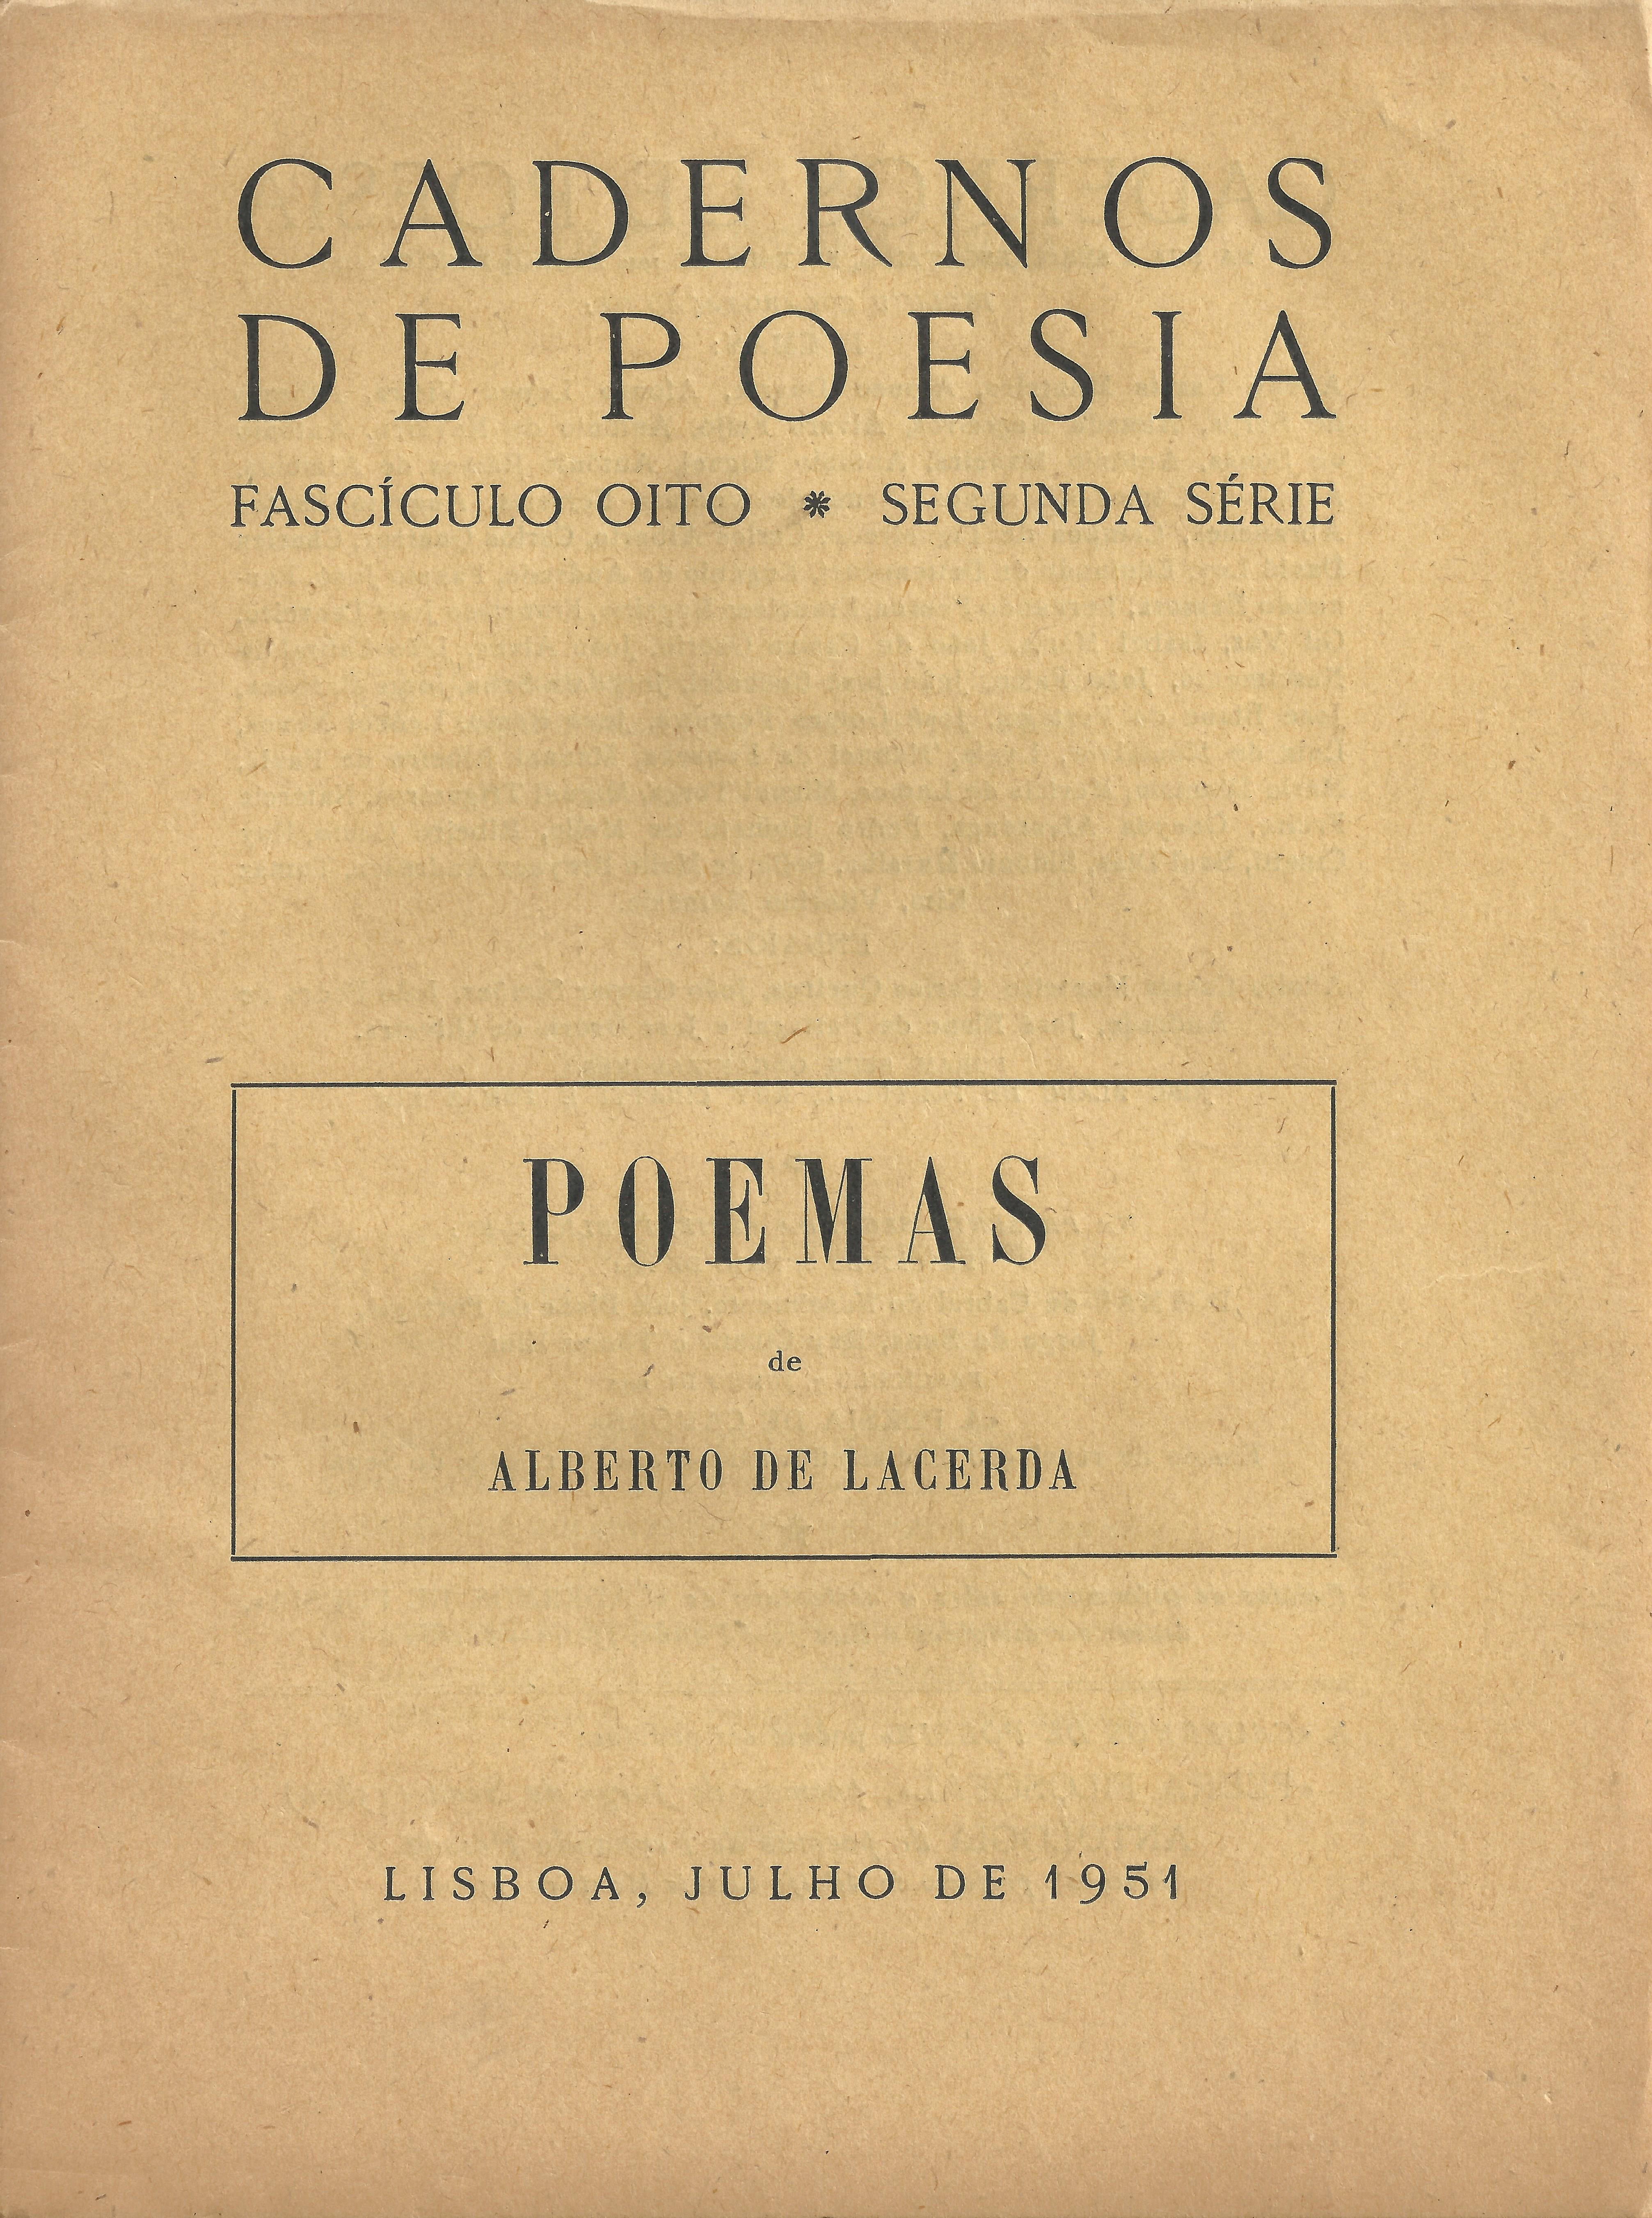 Poemas de Alberto de Lacerda. Lisbon: Cadernos de Poesia, July 1951